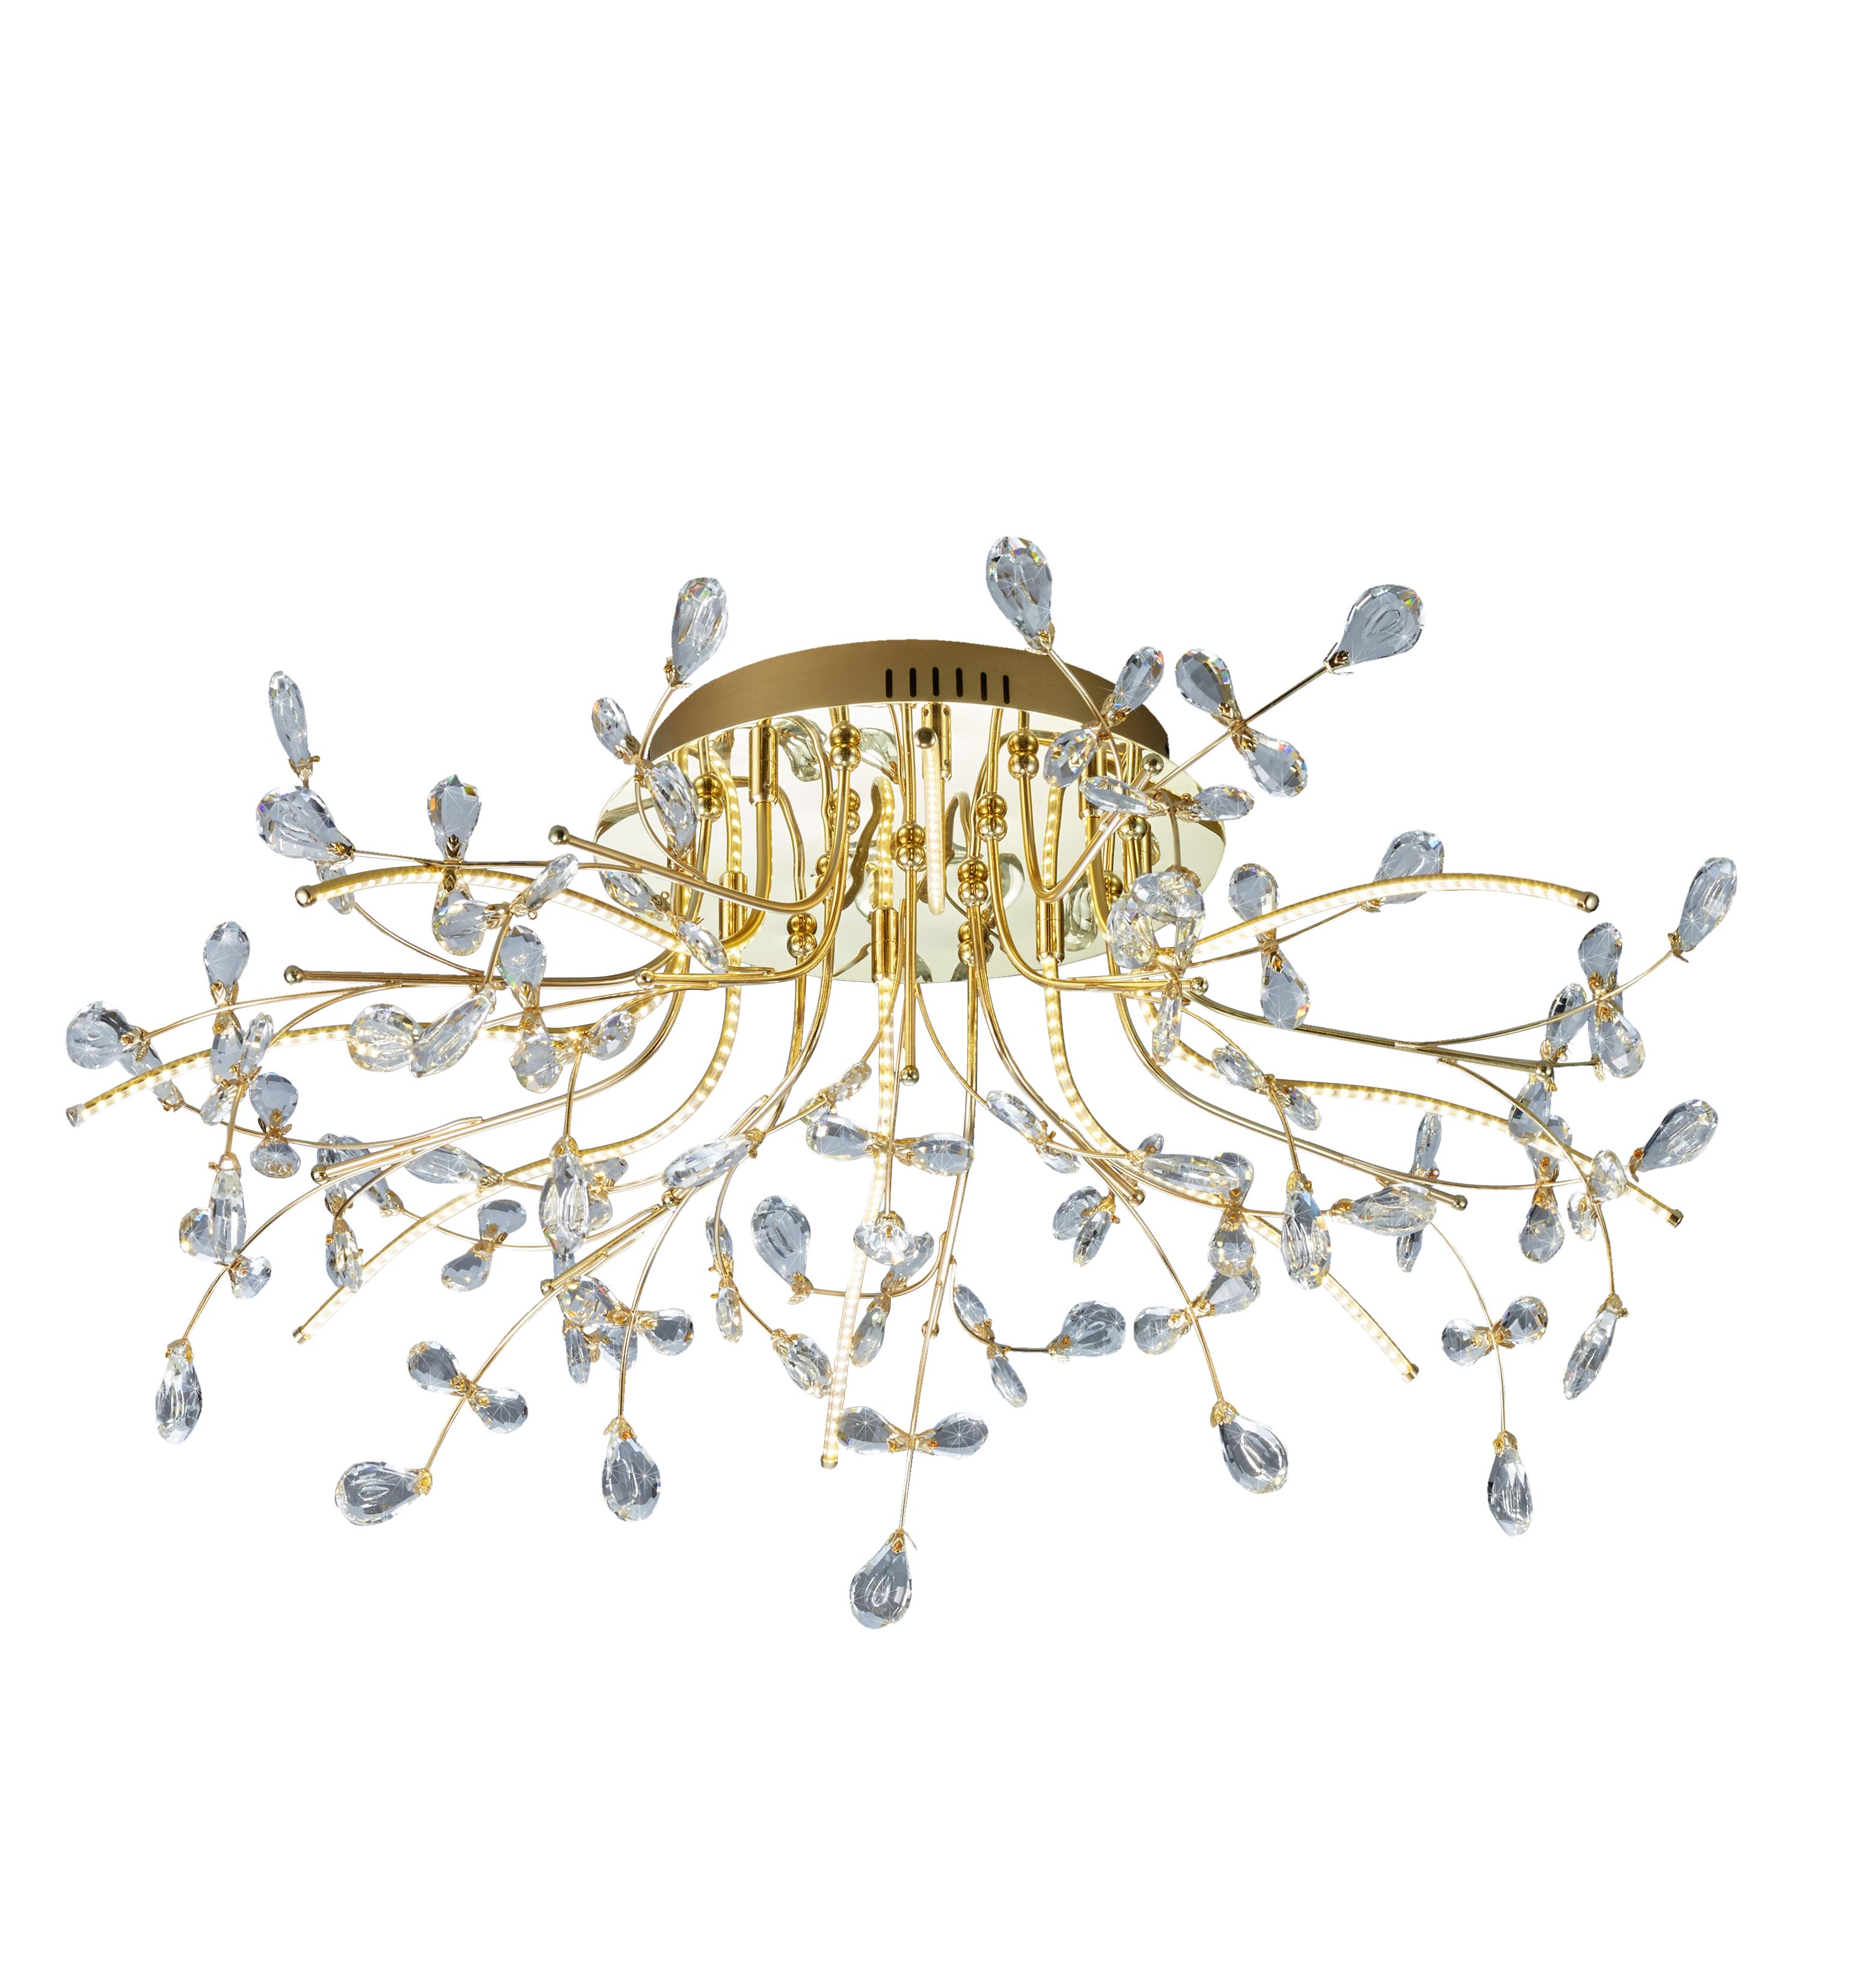 B-Leuchten Crystal LED Deckenleuchte, Ø: 77 cm 70327/770-40